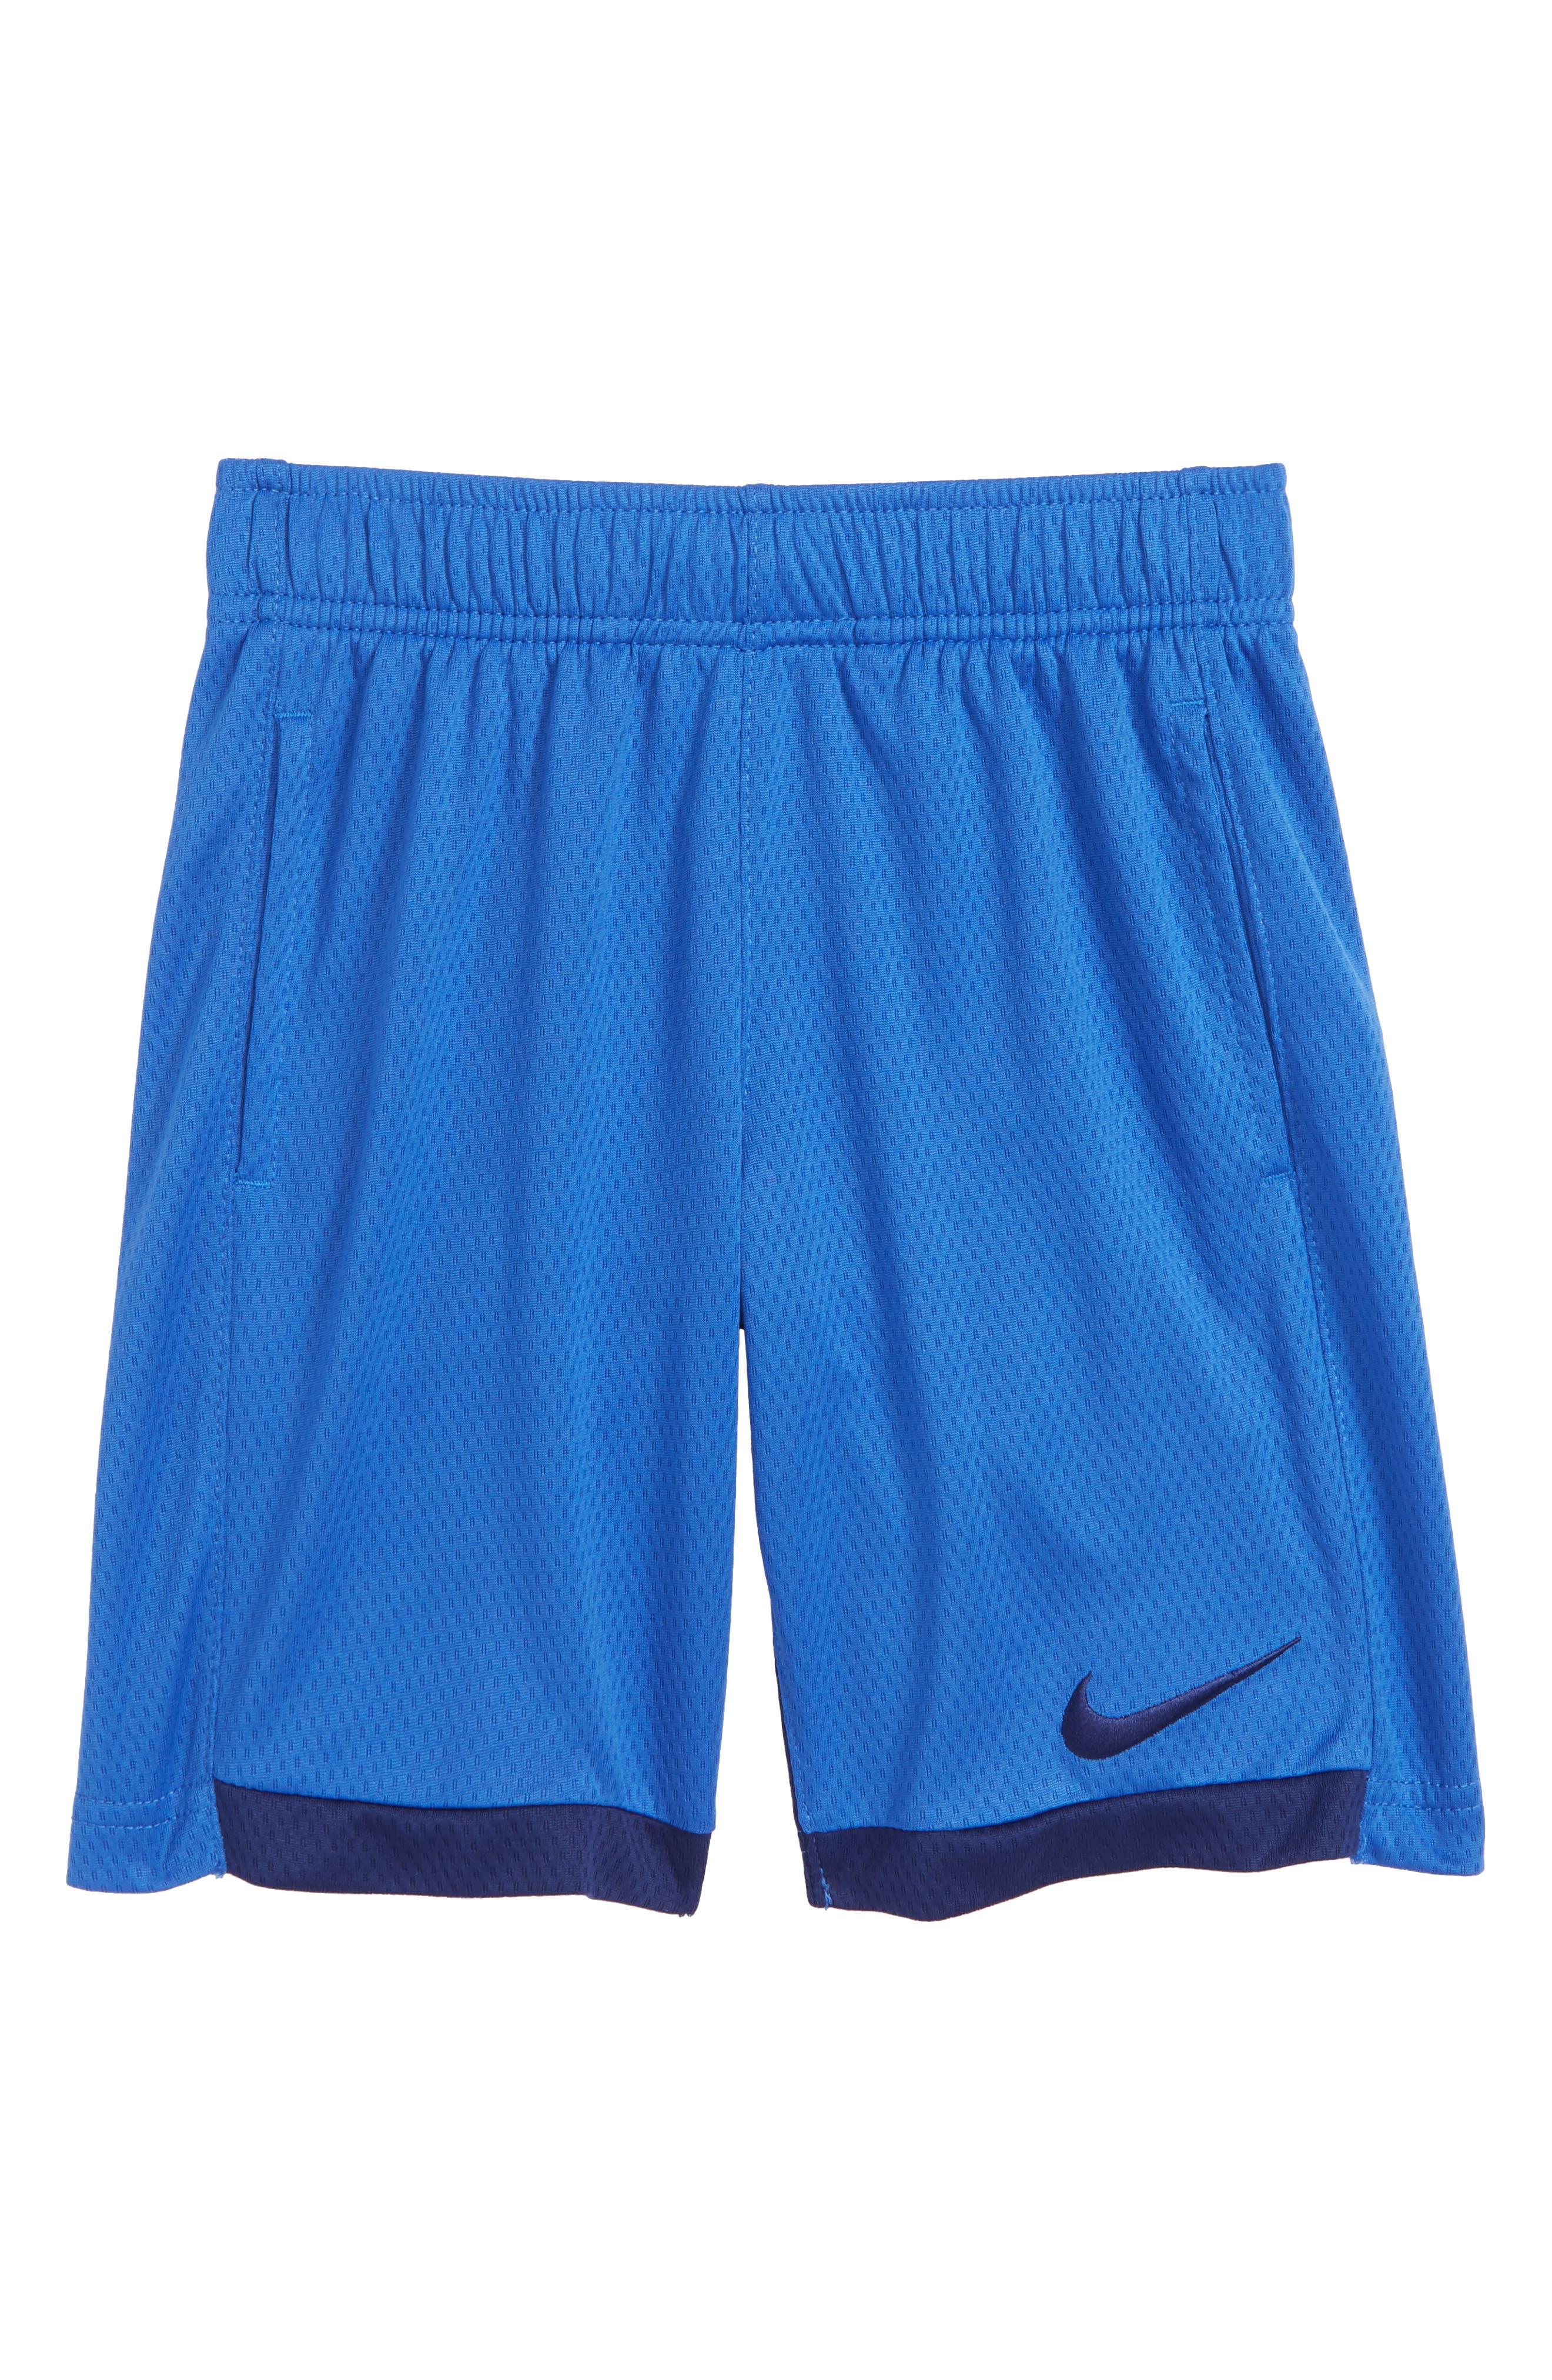 Dry Trophy Shorts,                             Main thumbnail 1, color,                             Game Royal